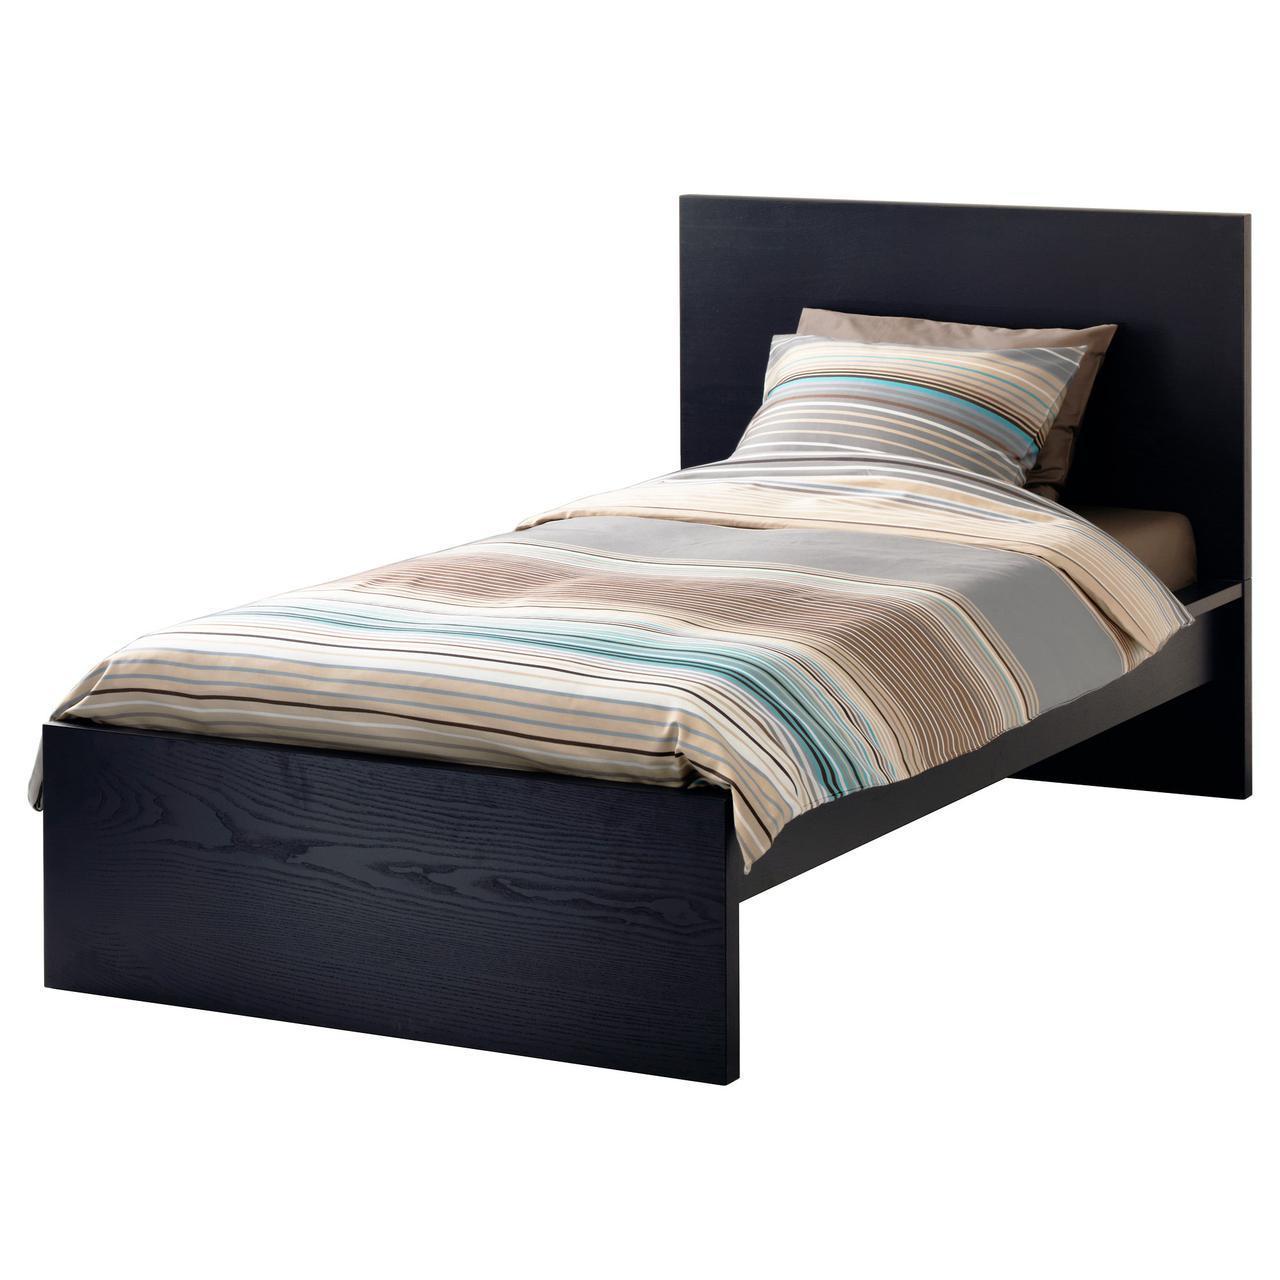 IKEA MALM (390.095.61)MALM КАРКАС кровати, высокий, черно-коричневый, Luröy, 90x200 см